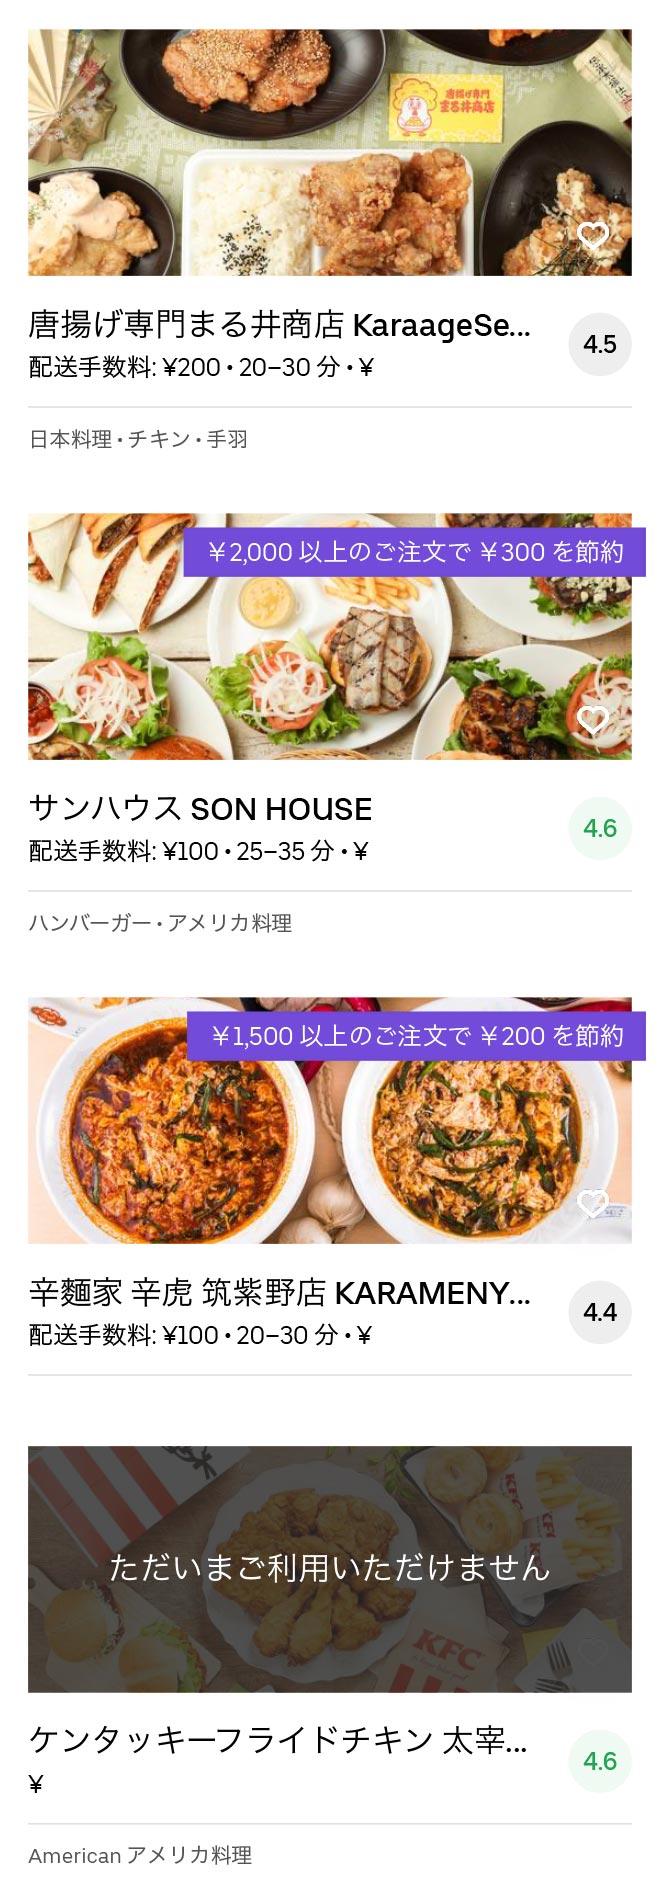 Tofuroumae menu 2004 05